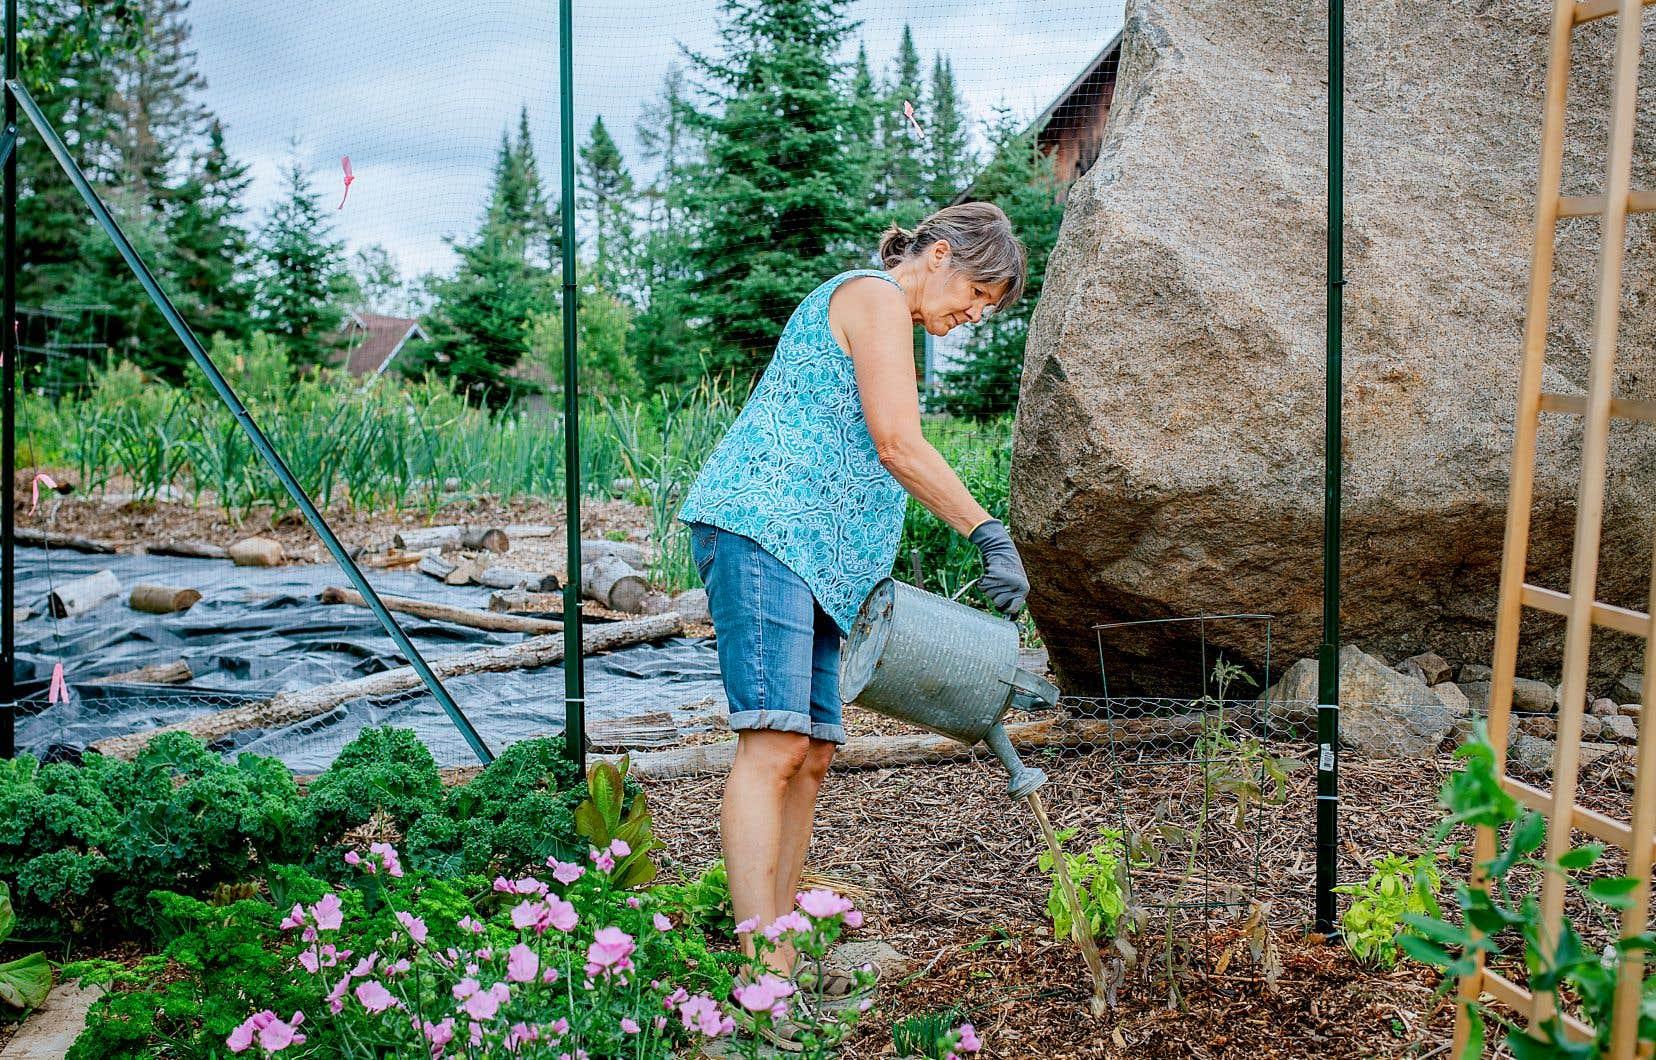 Le potager collectif, plus modeste que ce qui avait été envisagé au départ, se fait sur une base volontaire. Tout comme l'entretien des ruches et la récolte du miel. Sur la photo, la résidente Ginette Benoit.